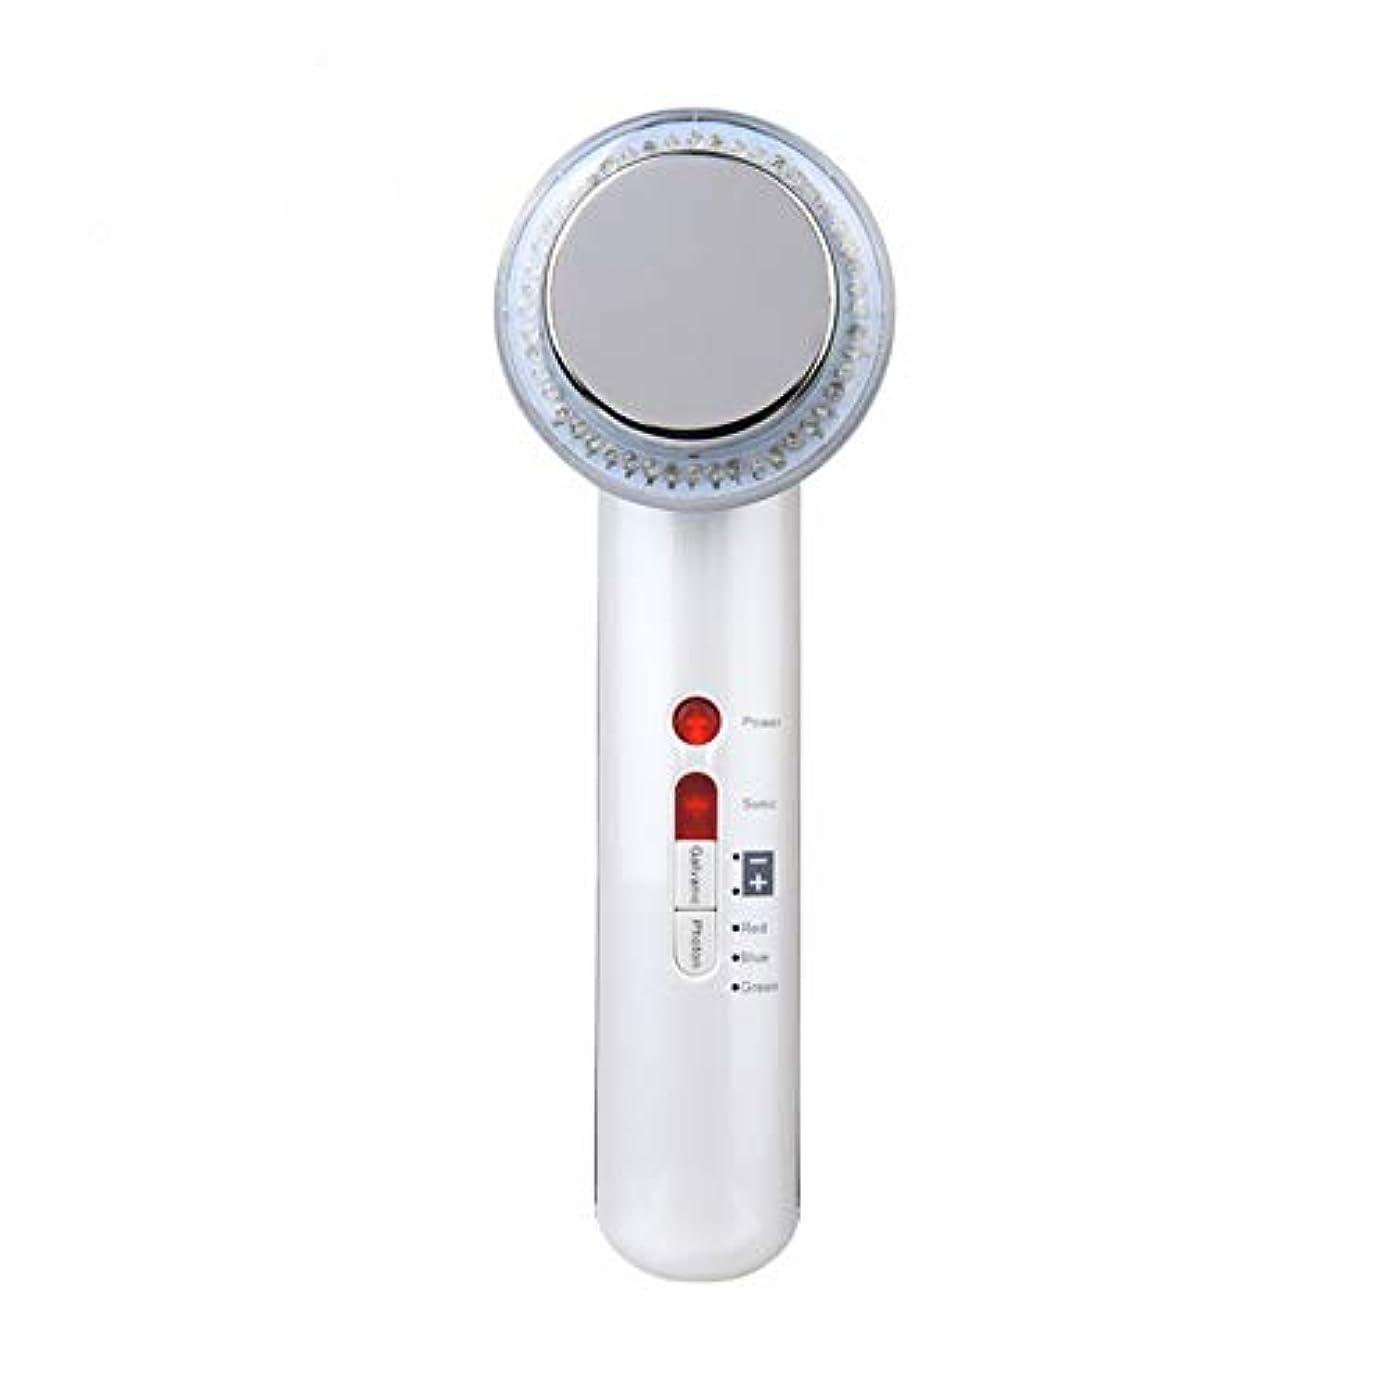 縫う特権的感嘆超音波美容器、高周波マスク機、7合1超音波赤外線LEDランプ及び6種類の顔ケア洗顔器、しわ除去、シワ防止、シワ防止